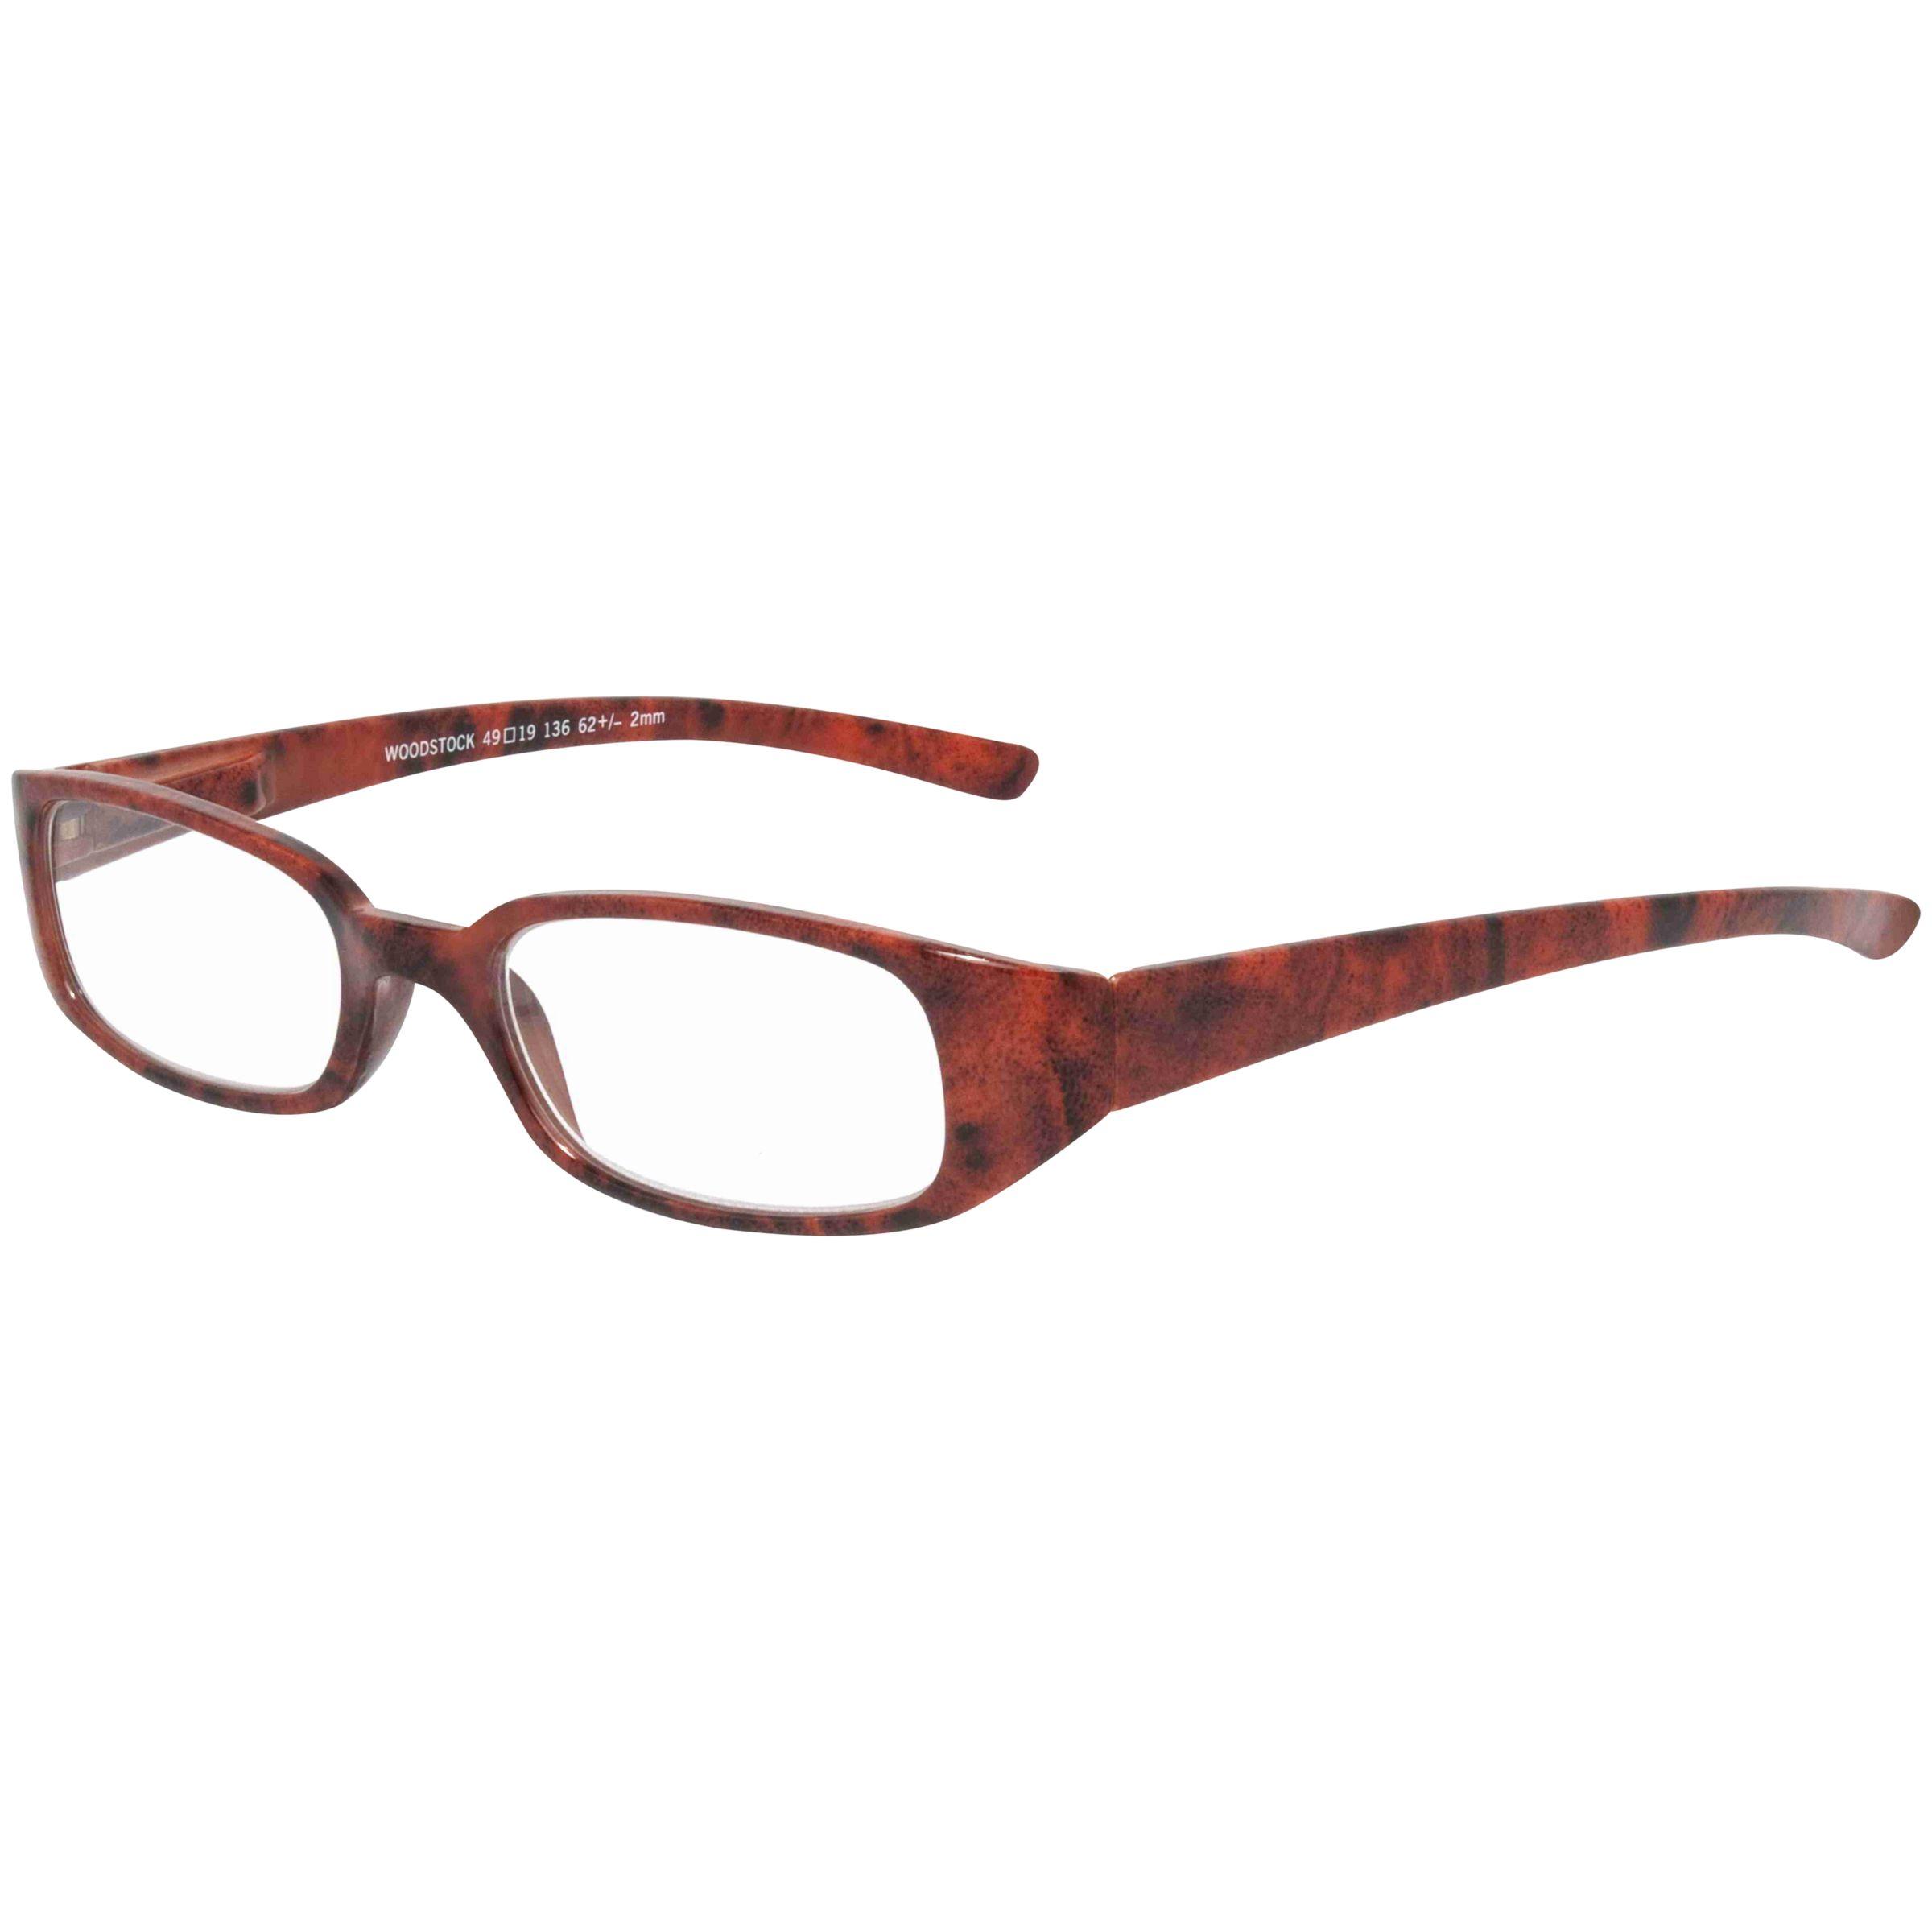 Magnif Eyes Magnif Eyes Ready Readers Woodstock Mrytle Glasses, Brown